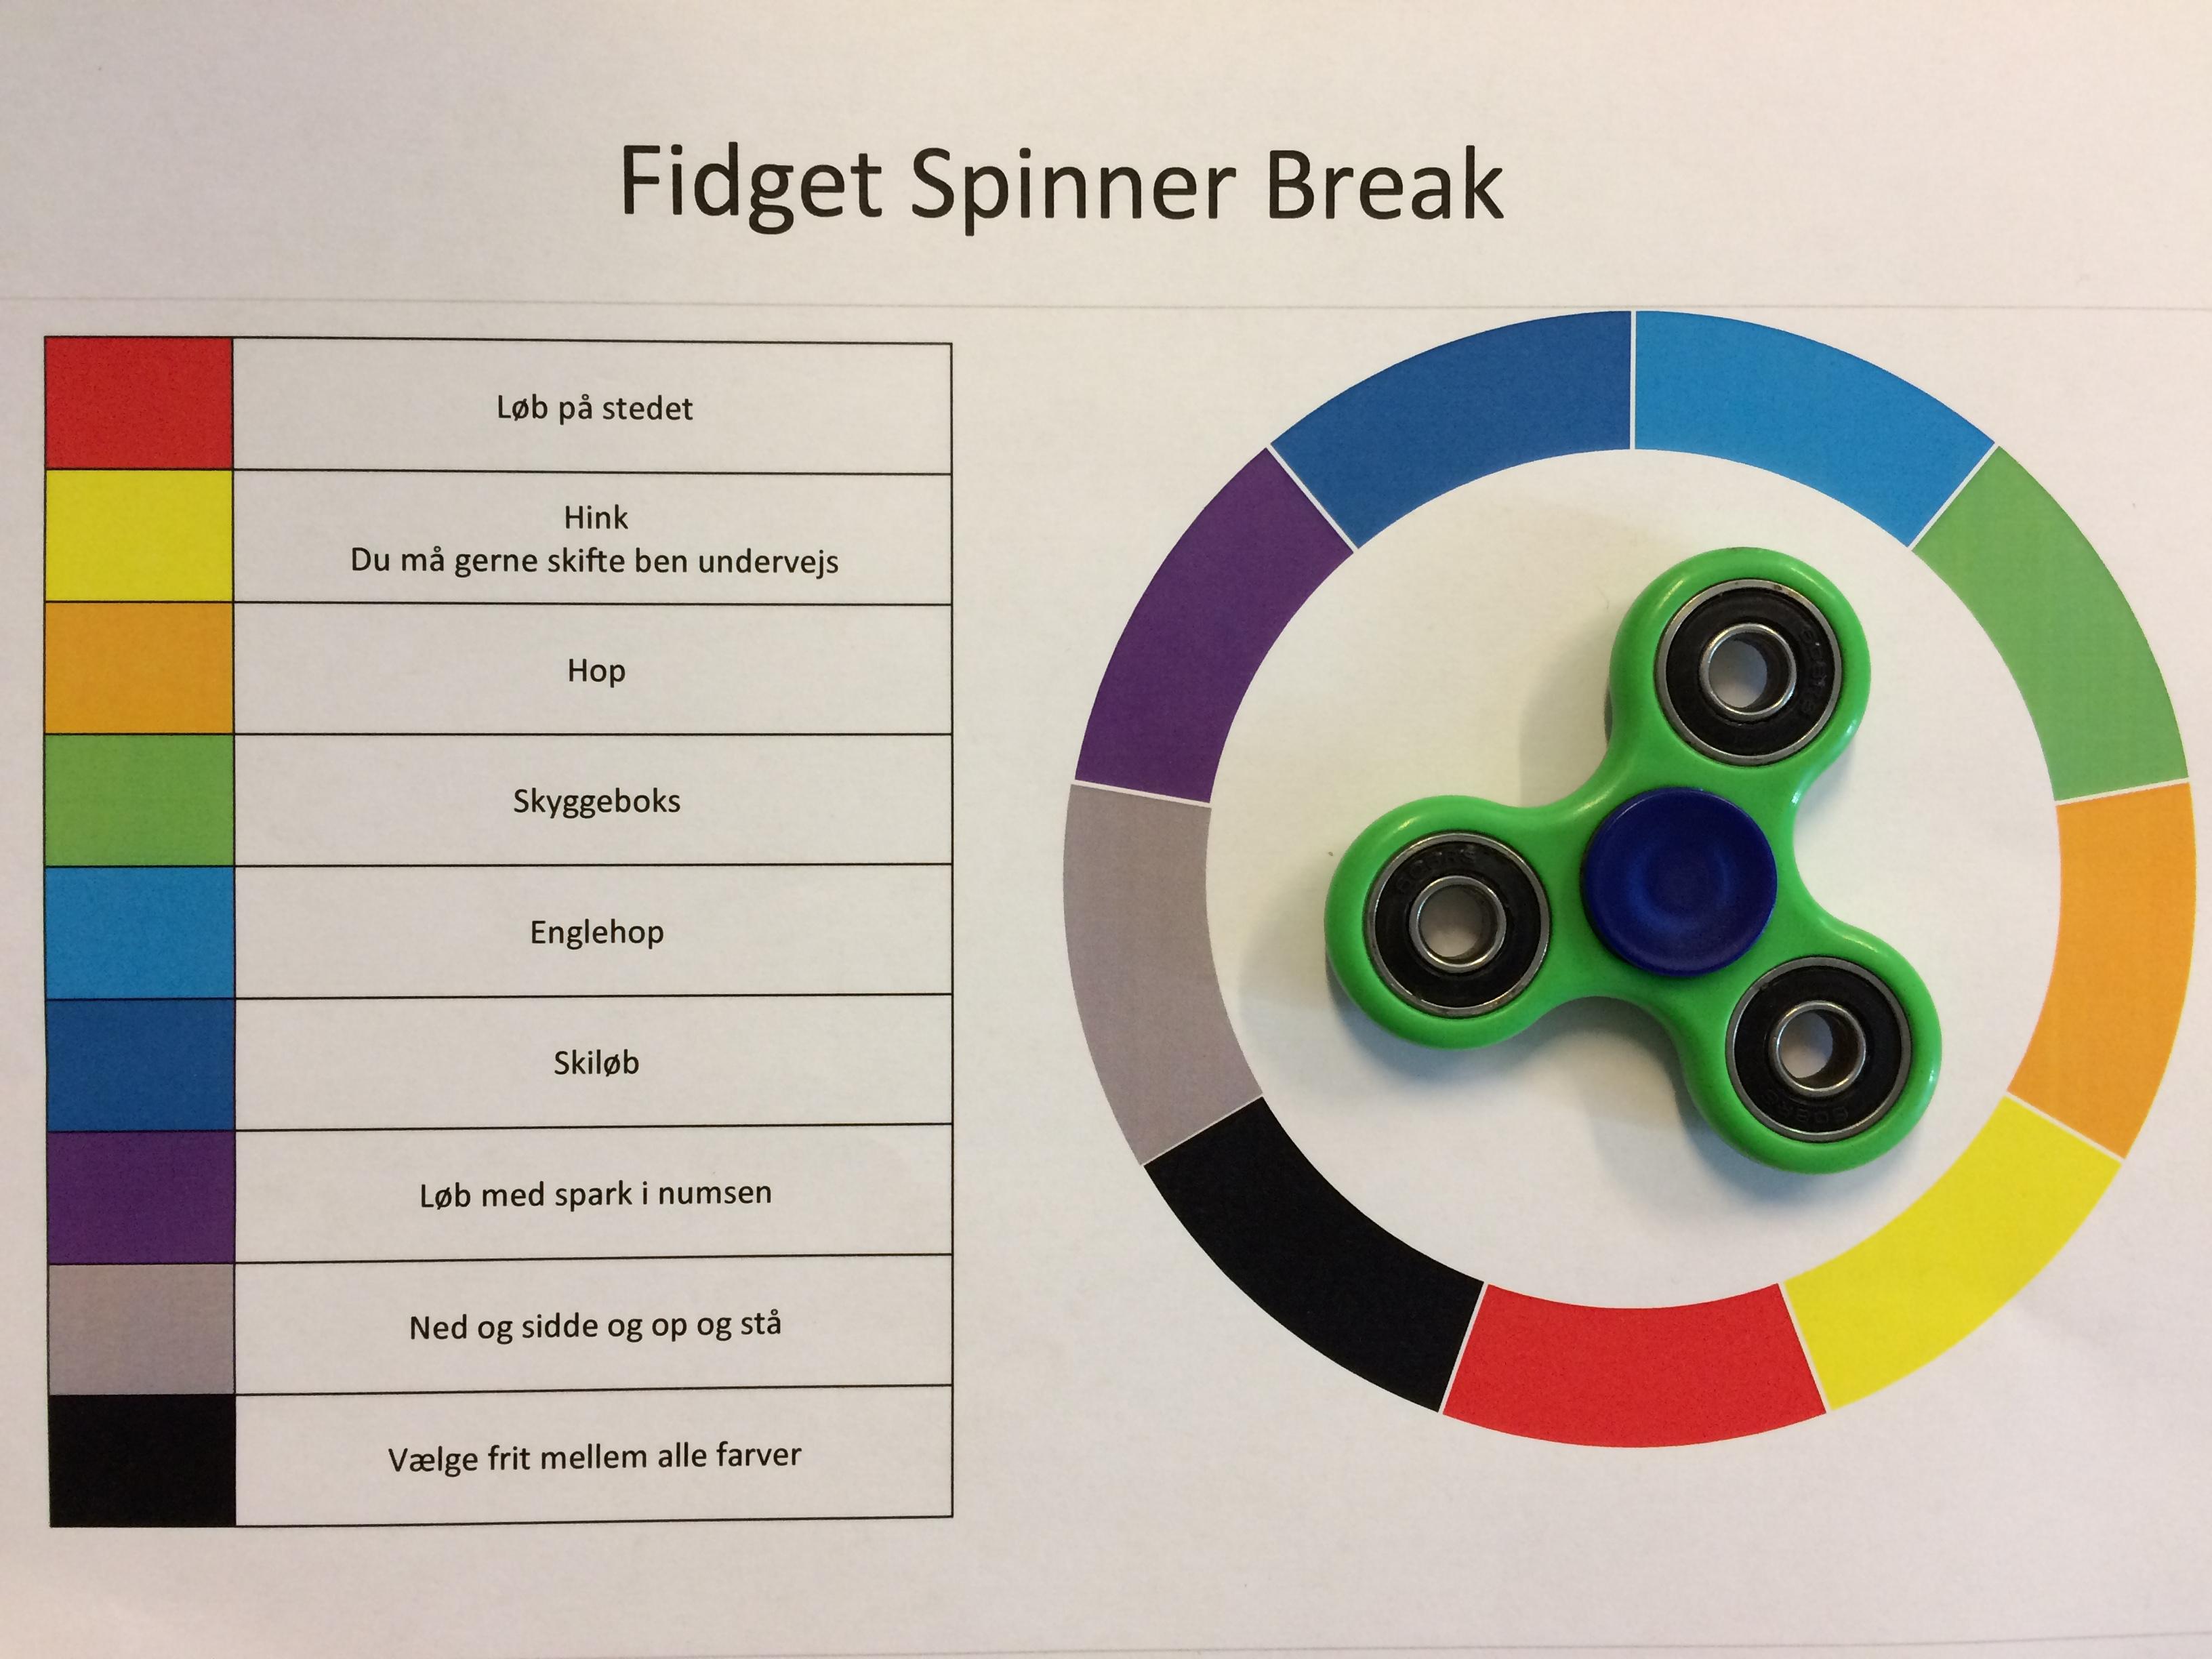 Fidget Spinner break